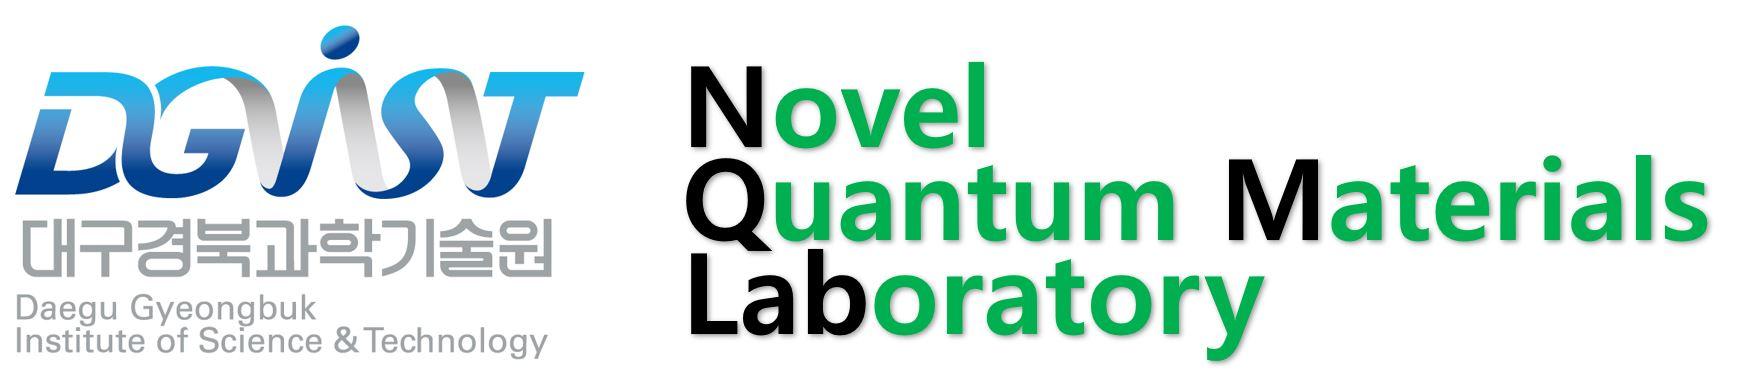 Novel Quantum Materials Laboratory